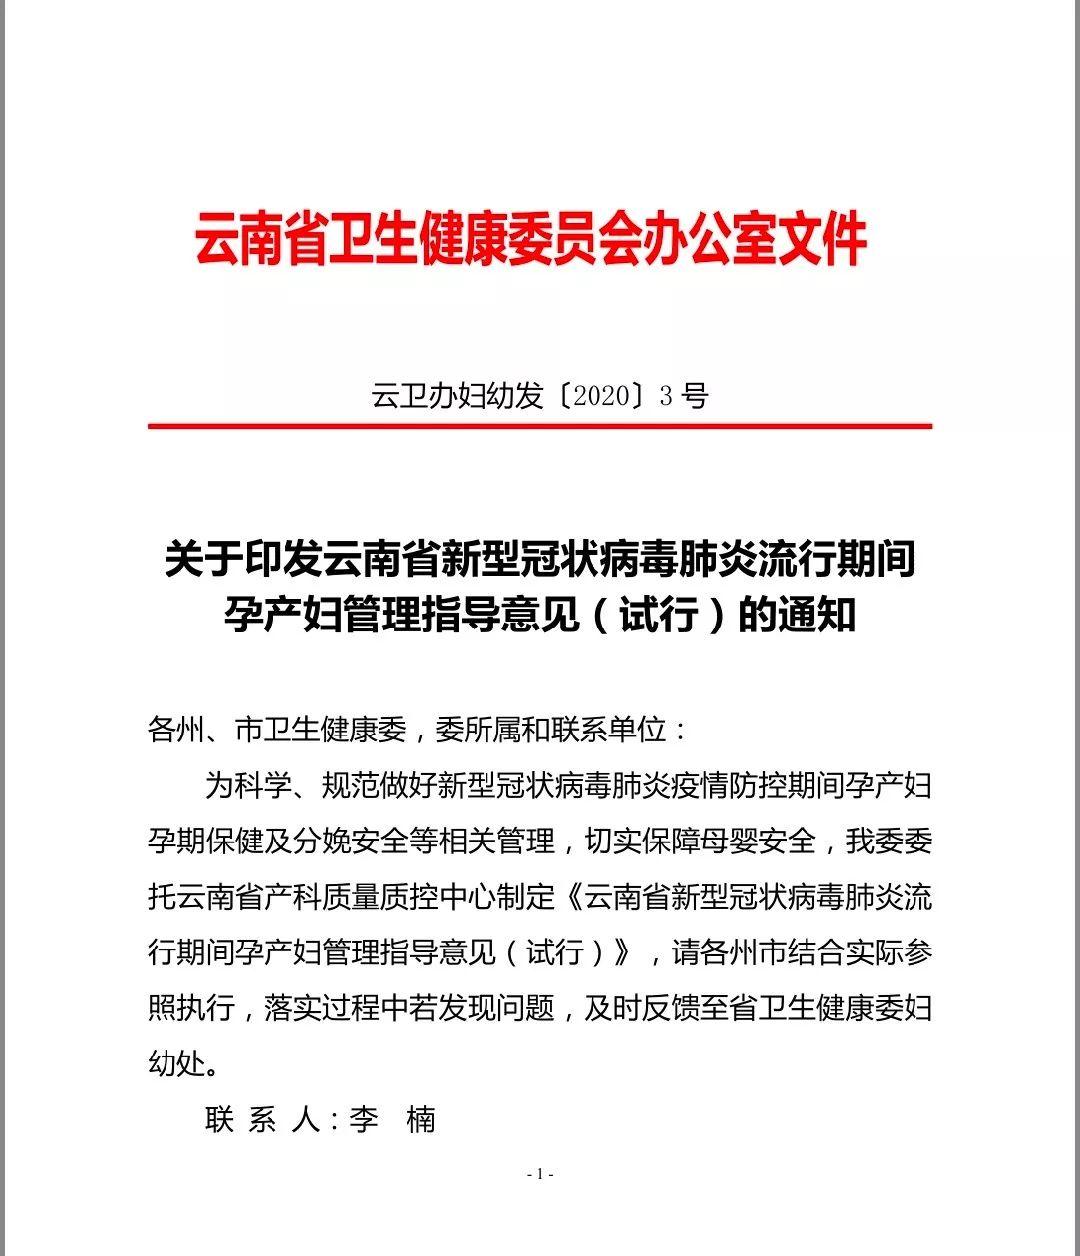 内蒙古自治区规范孕产妇急救转诊